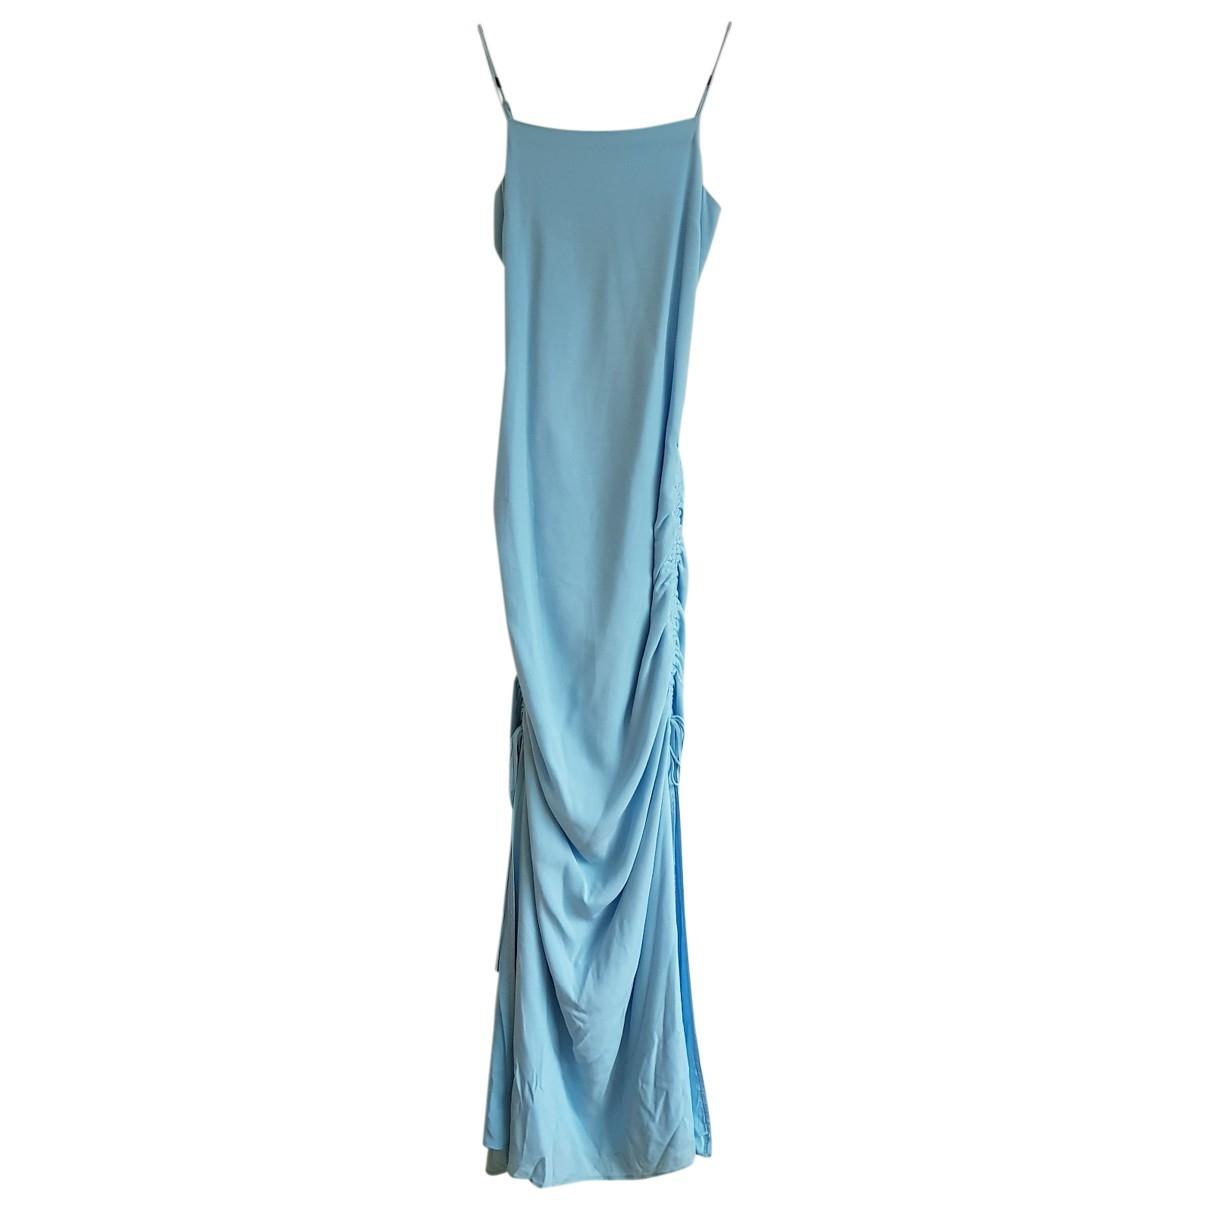 Staud - Robe   pour femme - bleu